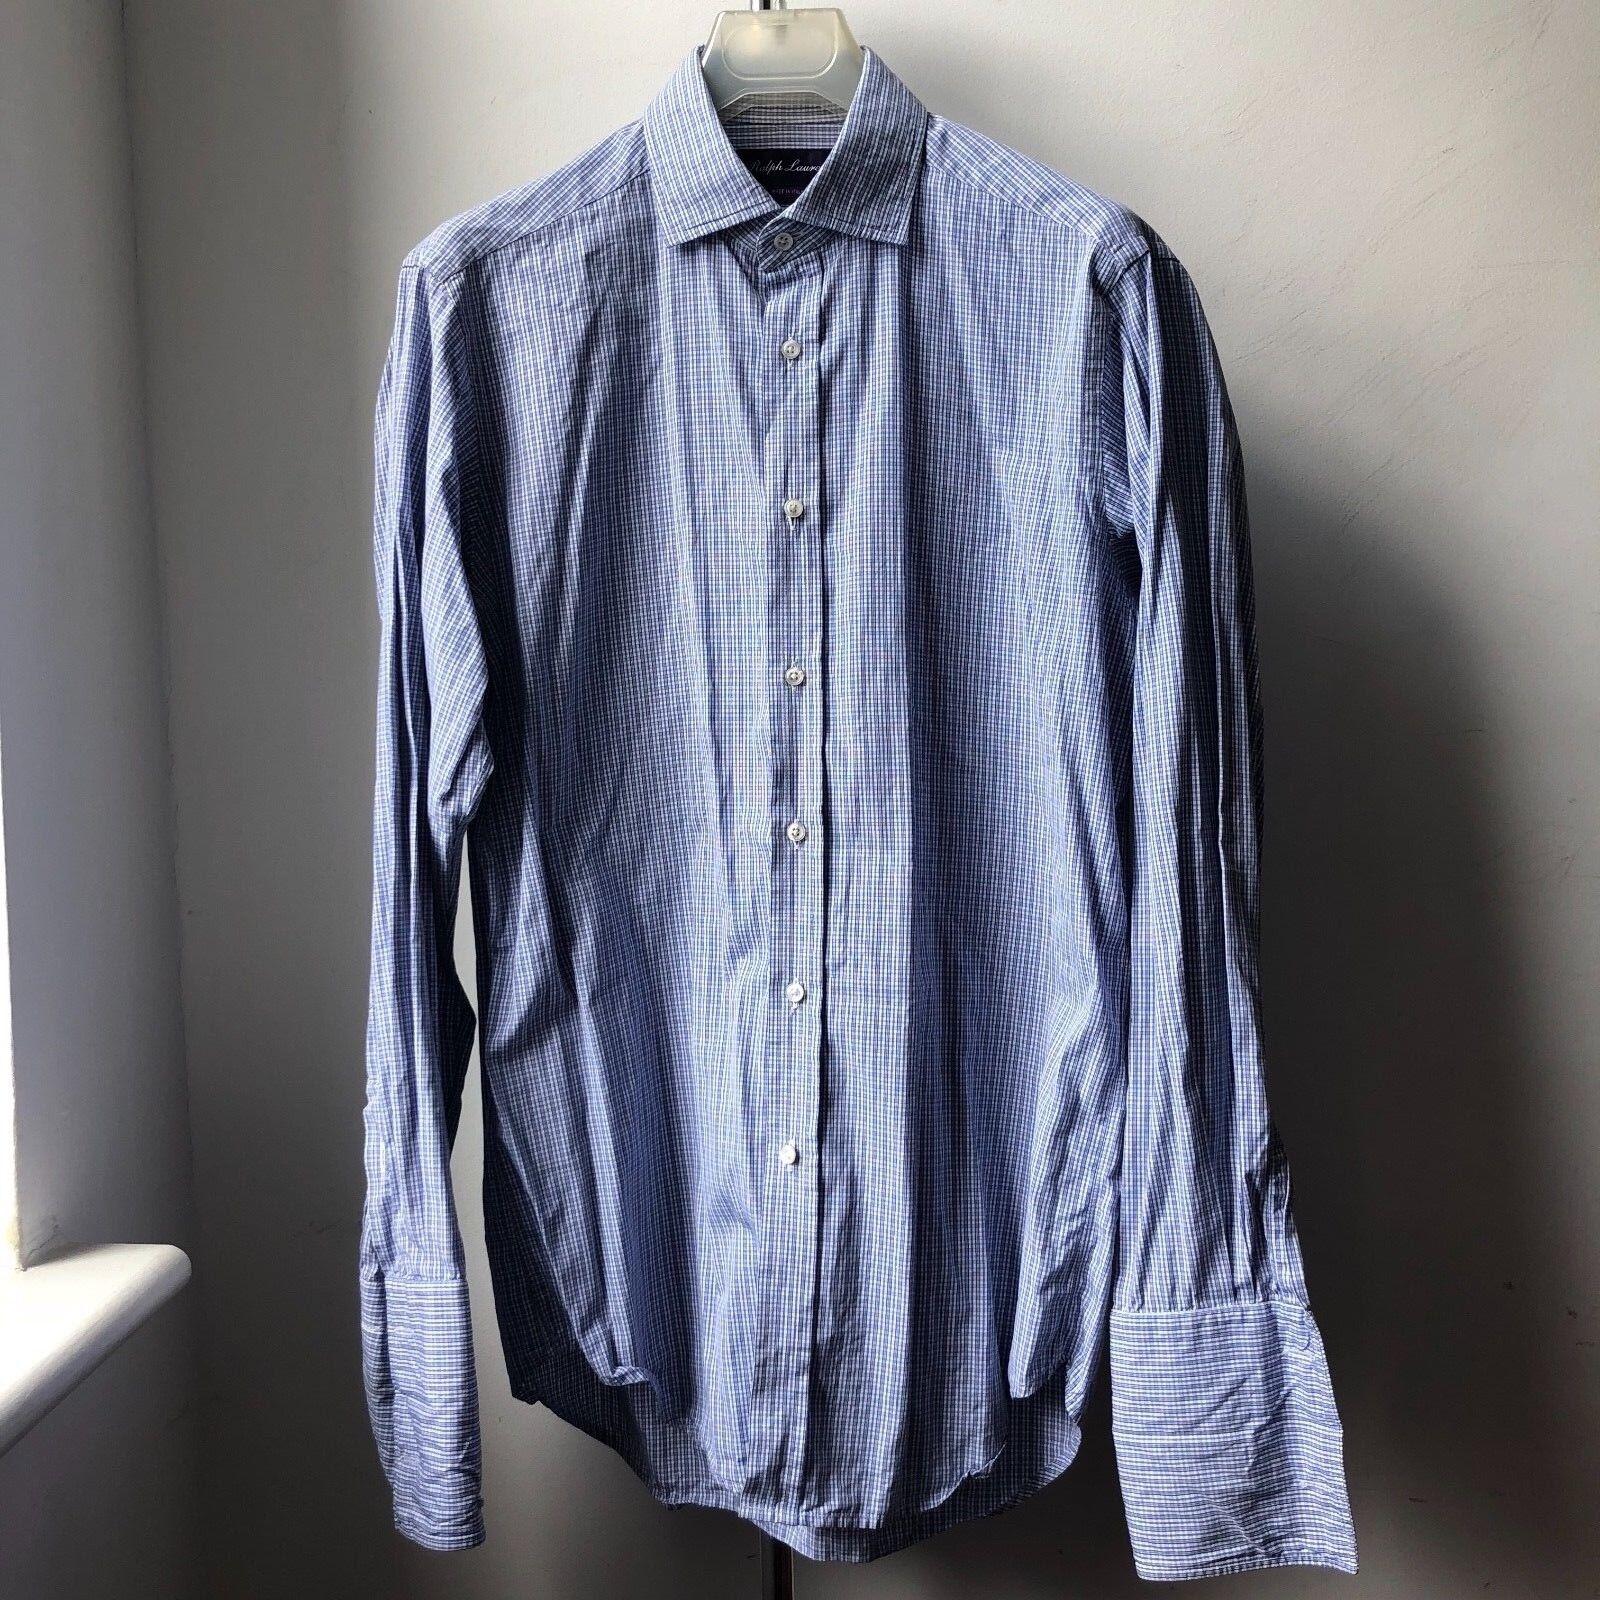 Classico di grande grande grande qualità Ralph Lauren viola Label Check Camicia SZ 15 doppio polsino 802939